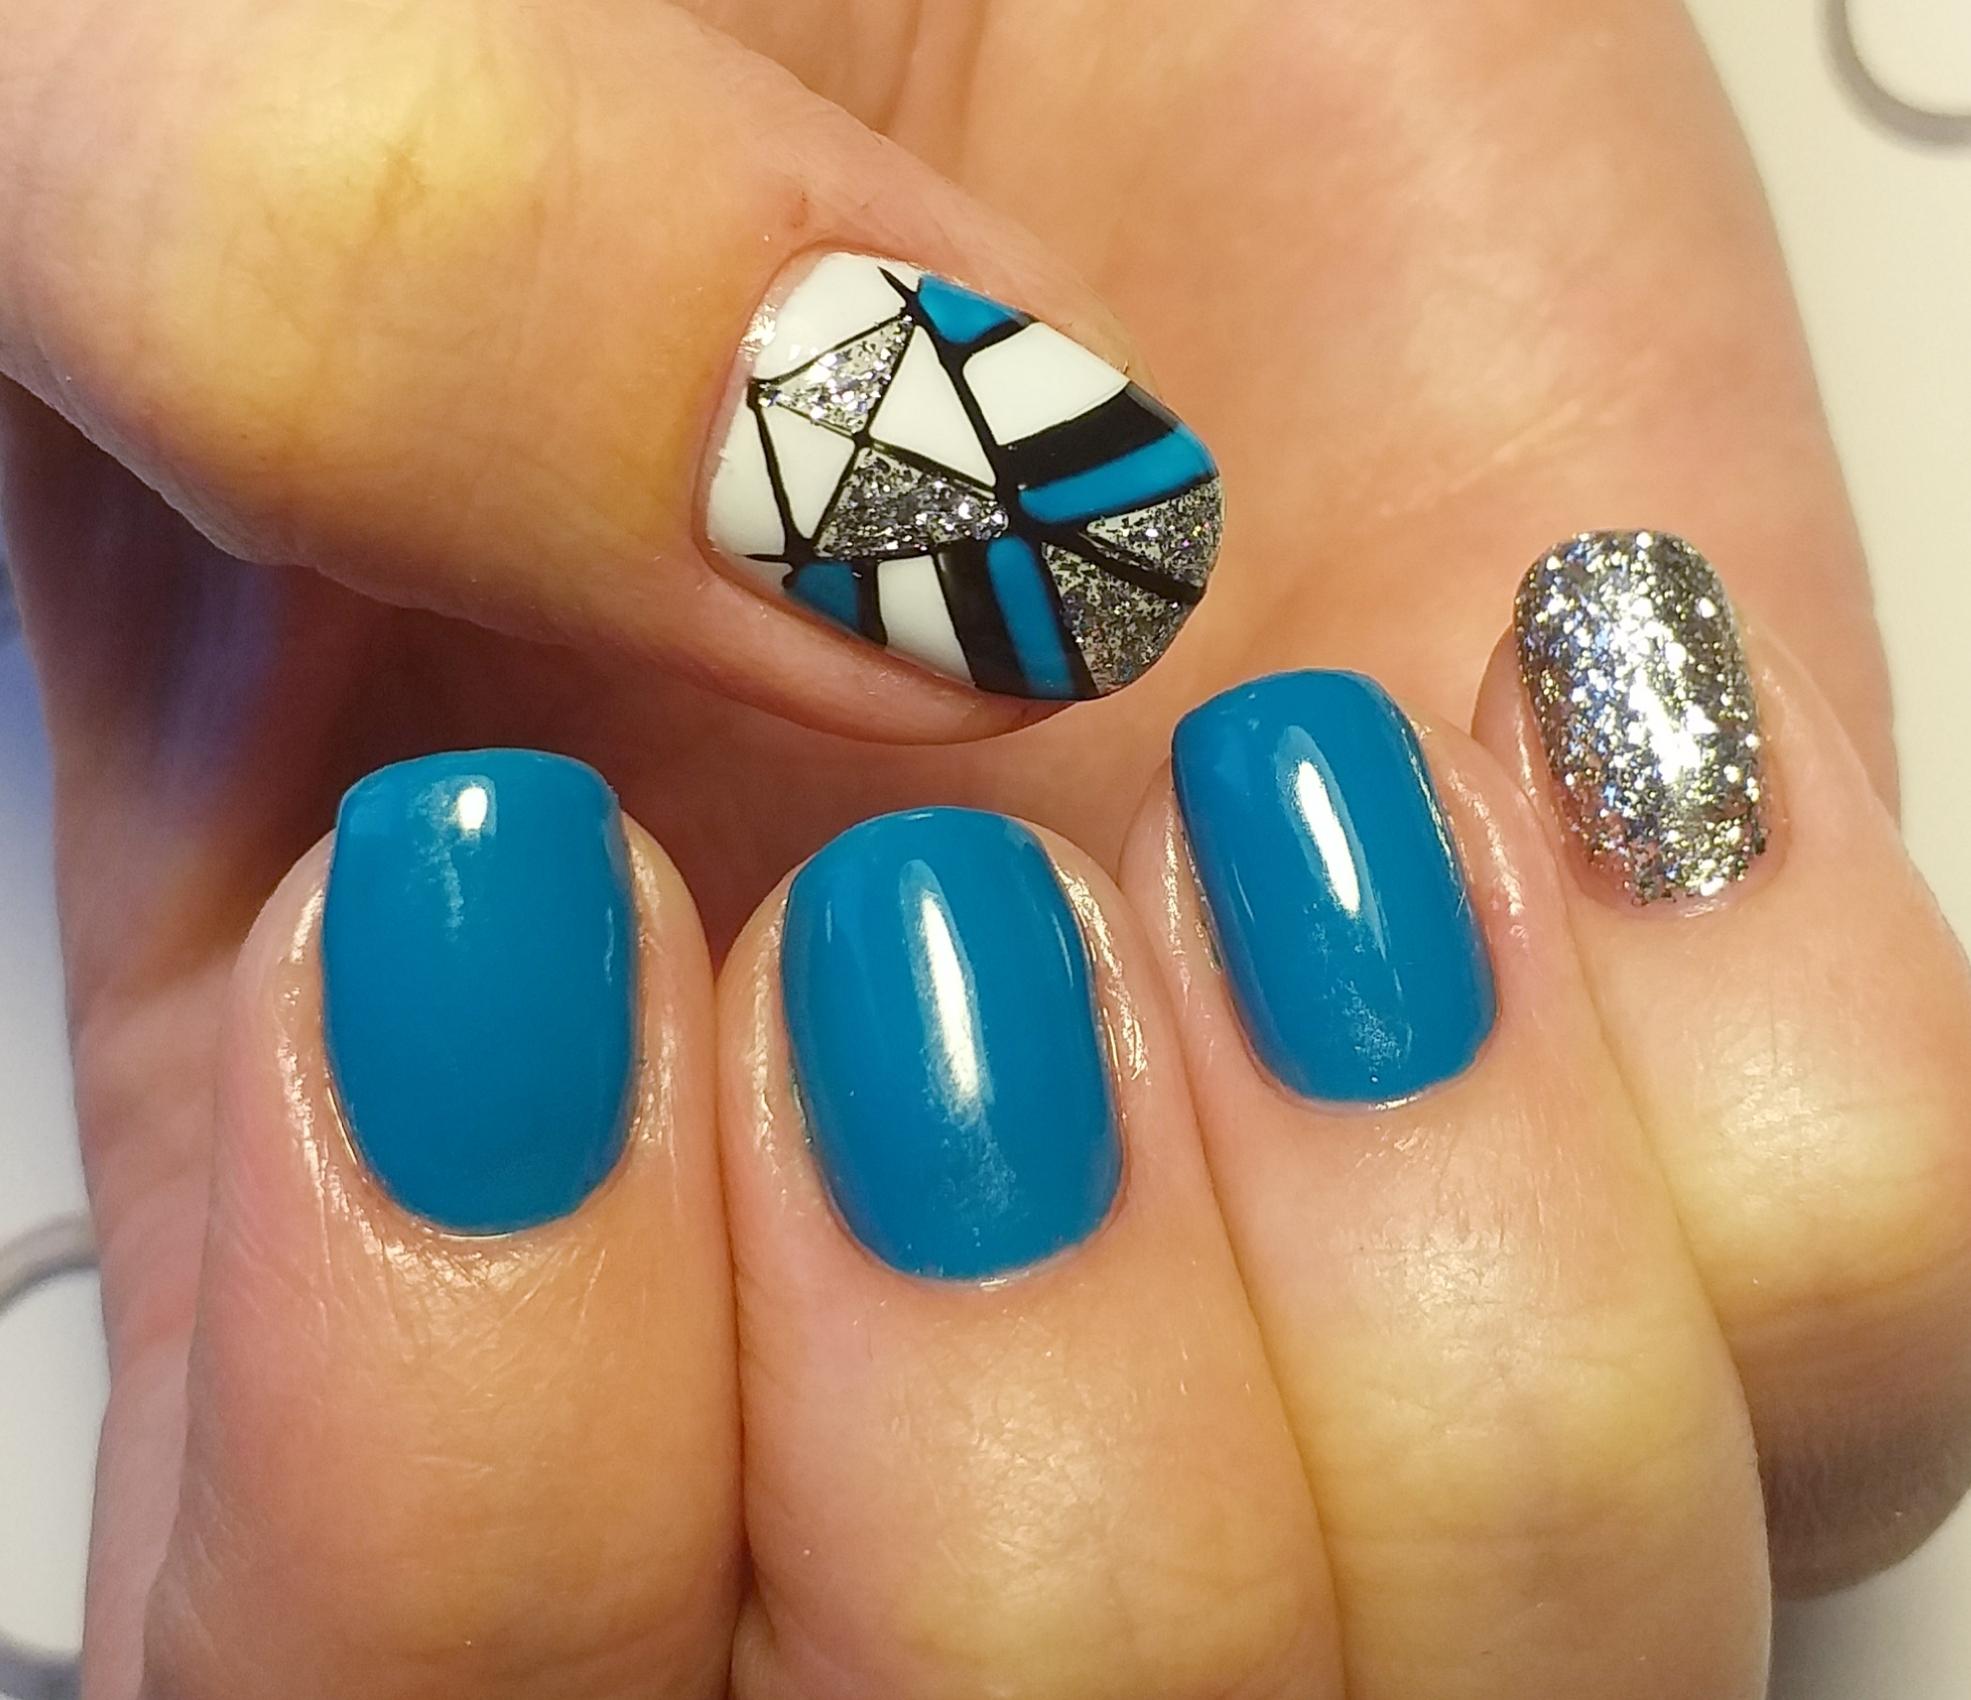 Геометрический маникюр с серебряными блестками в голубом цвете.